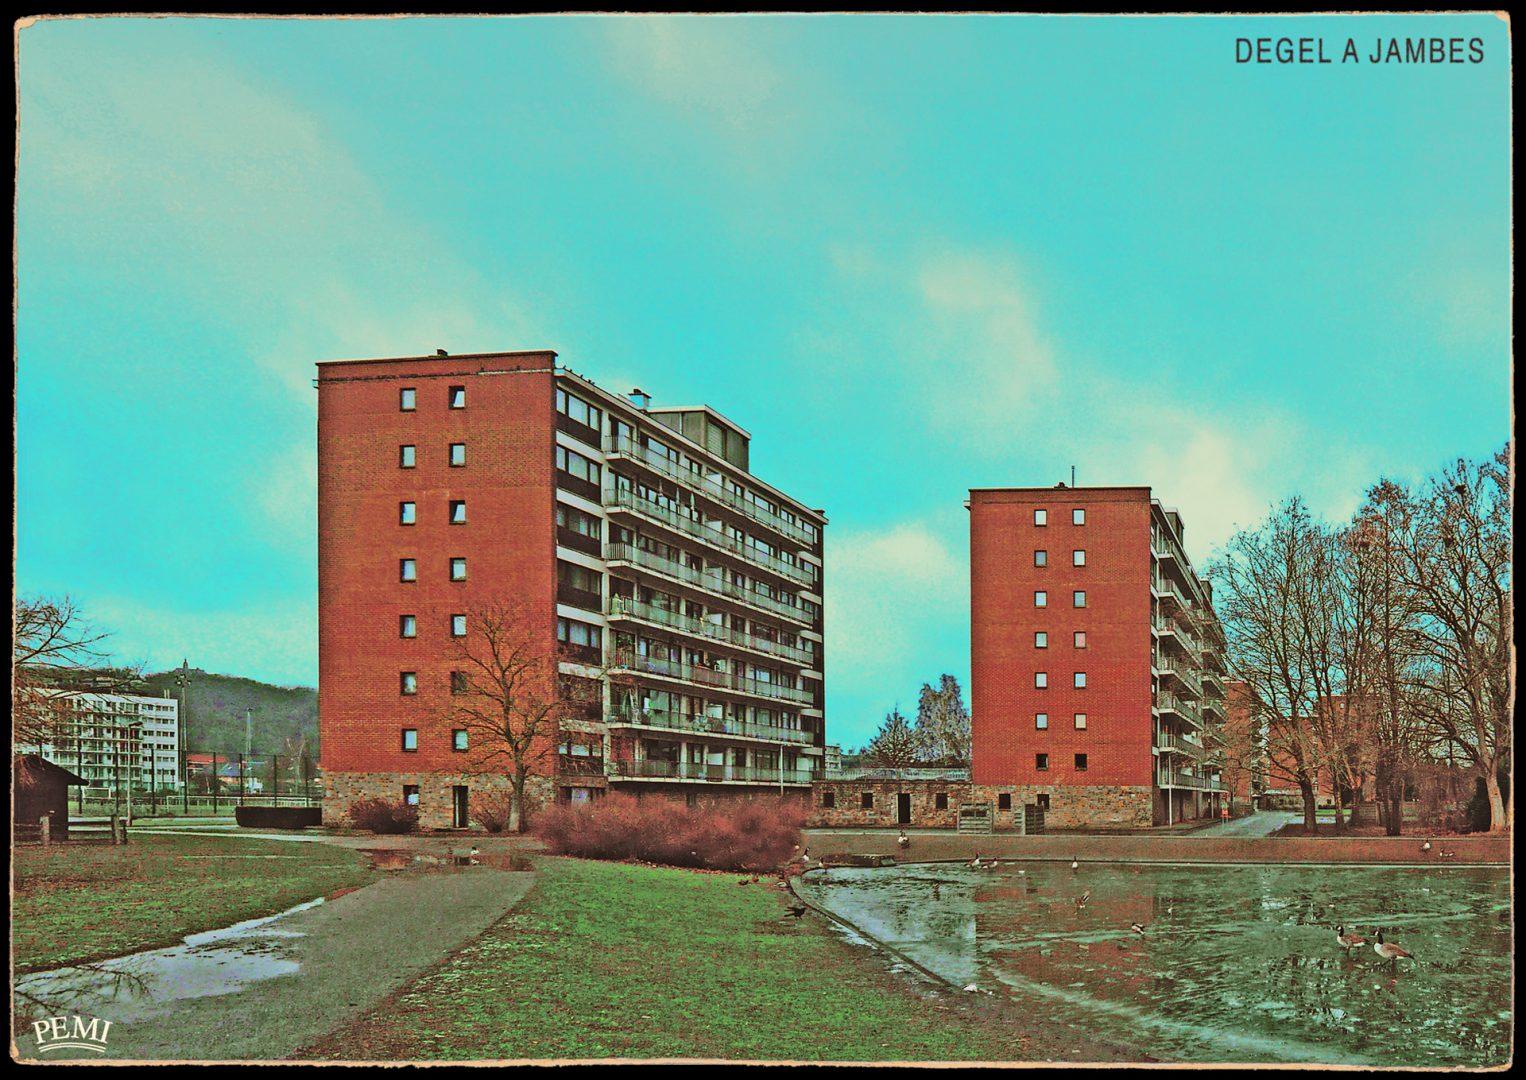 Namur009-1526x1080.jpg